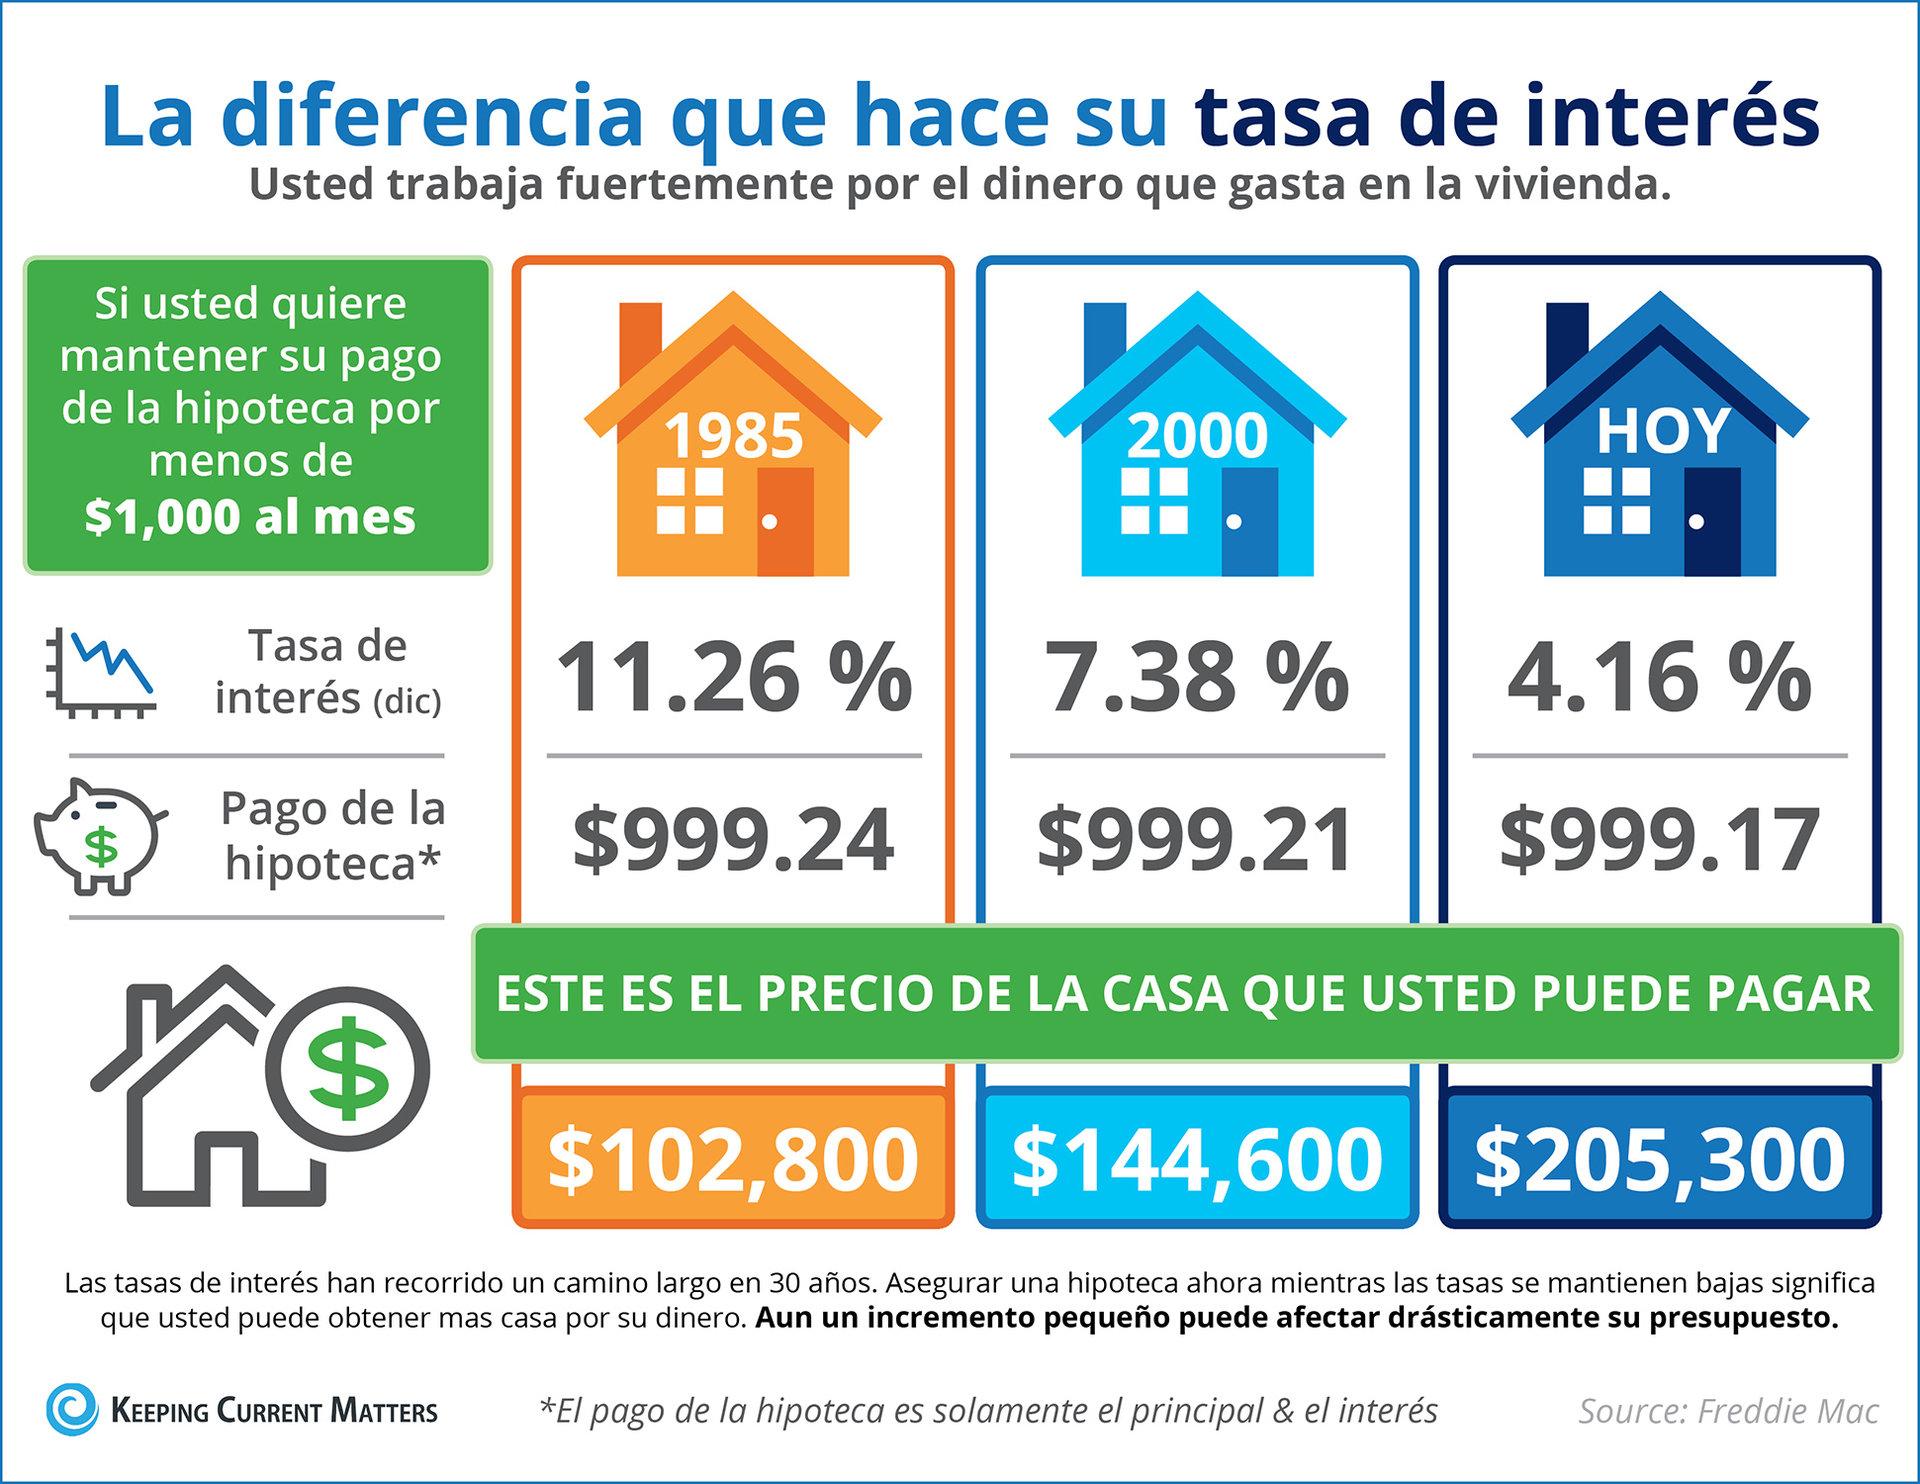 El impacto que su tasa de interés tiene en su poder adquisitivo [infografía] | Keeping Current Matters